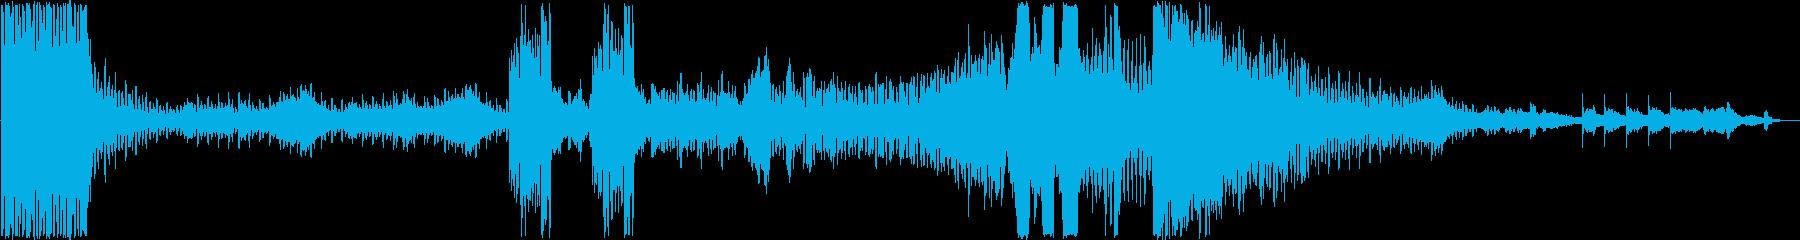 「カルメン」第1組曲アラゴネーズ/ビゼーの再生済みの波形